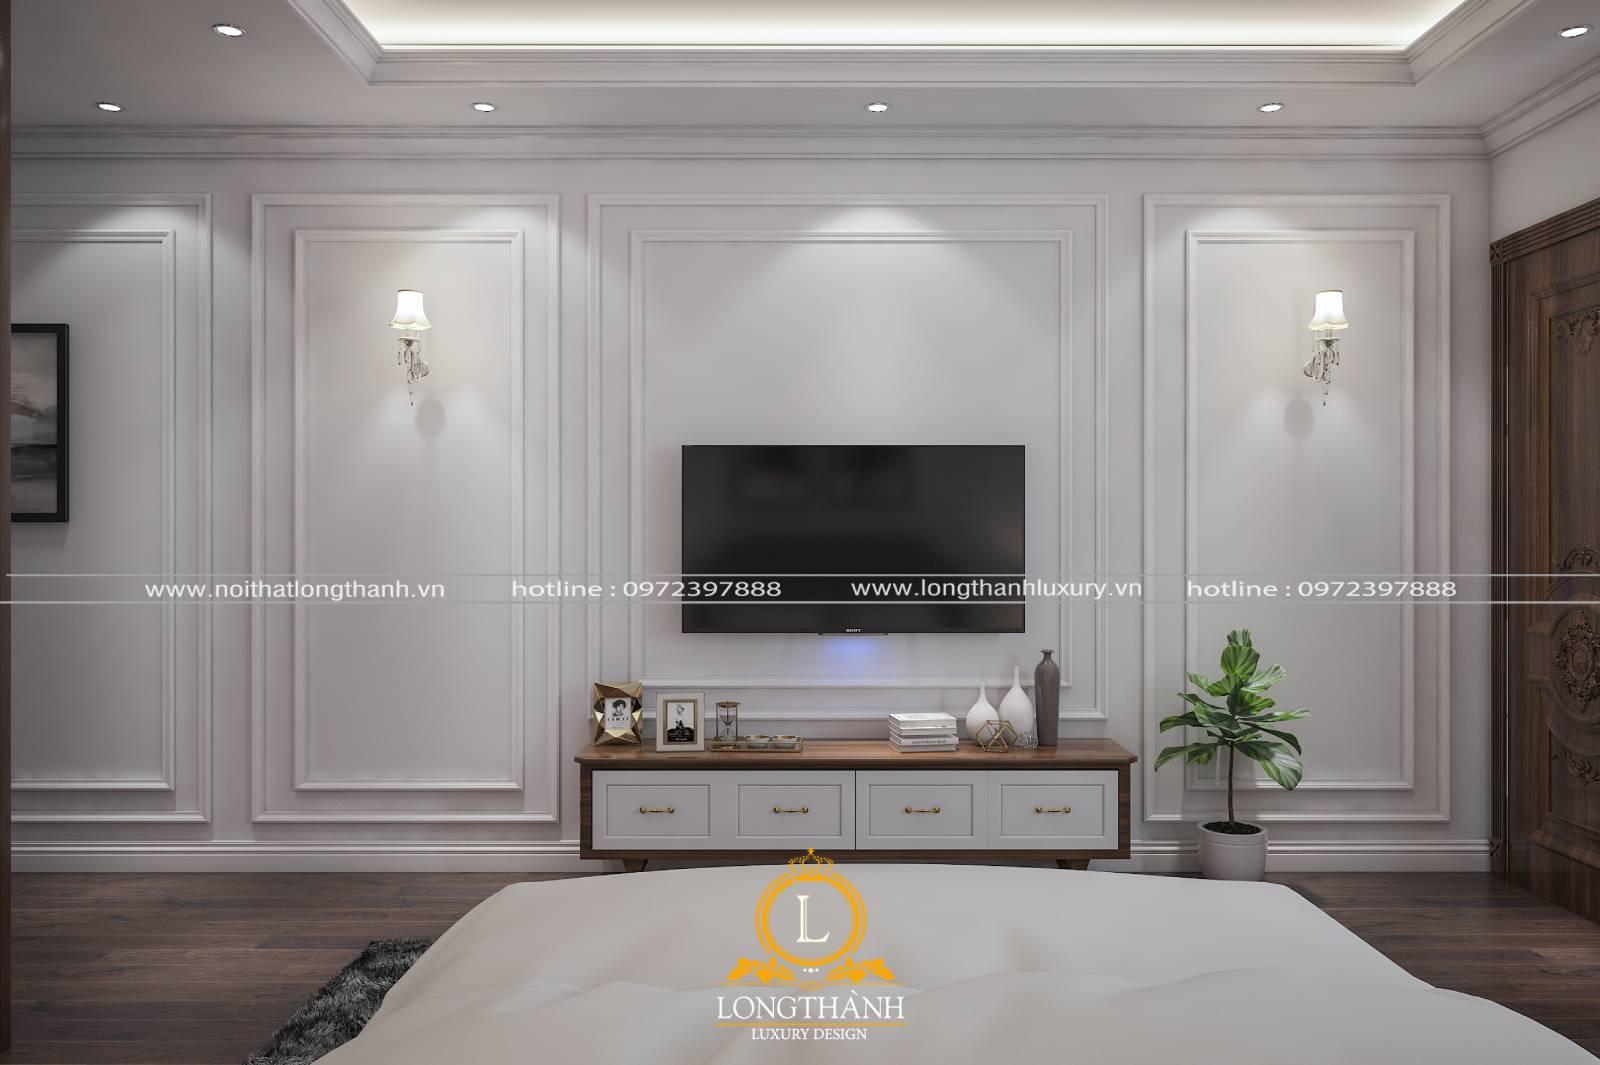 Mẫu kệ tivi phòng ngủ được thiết kế theo phong cách hiện đại đơn giản